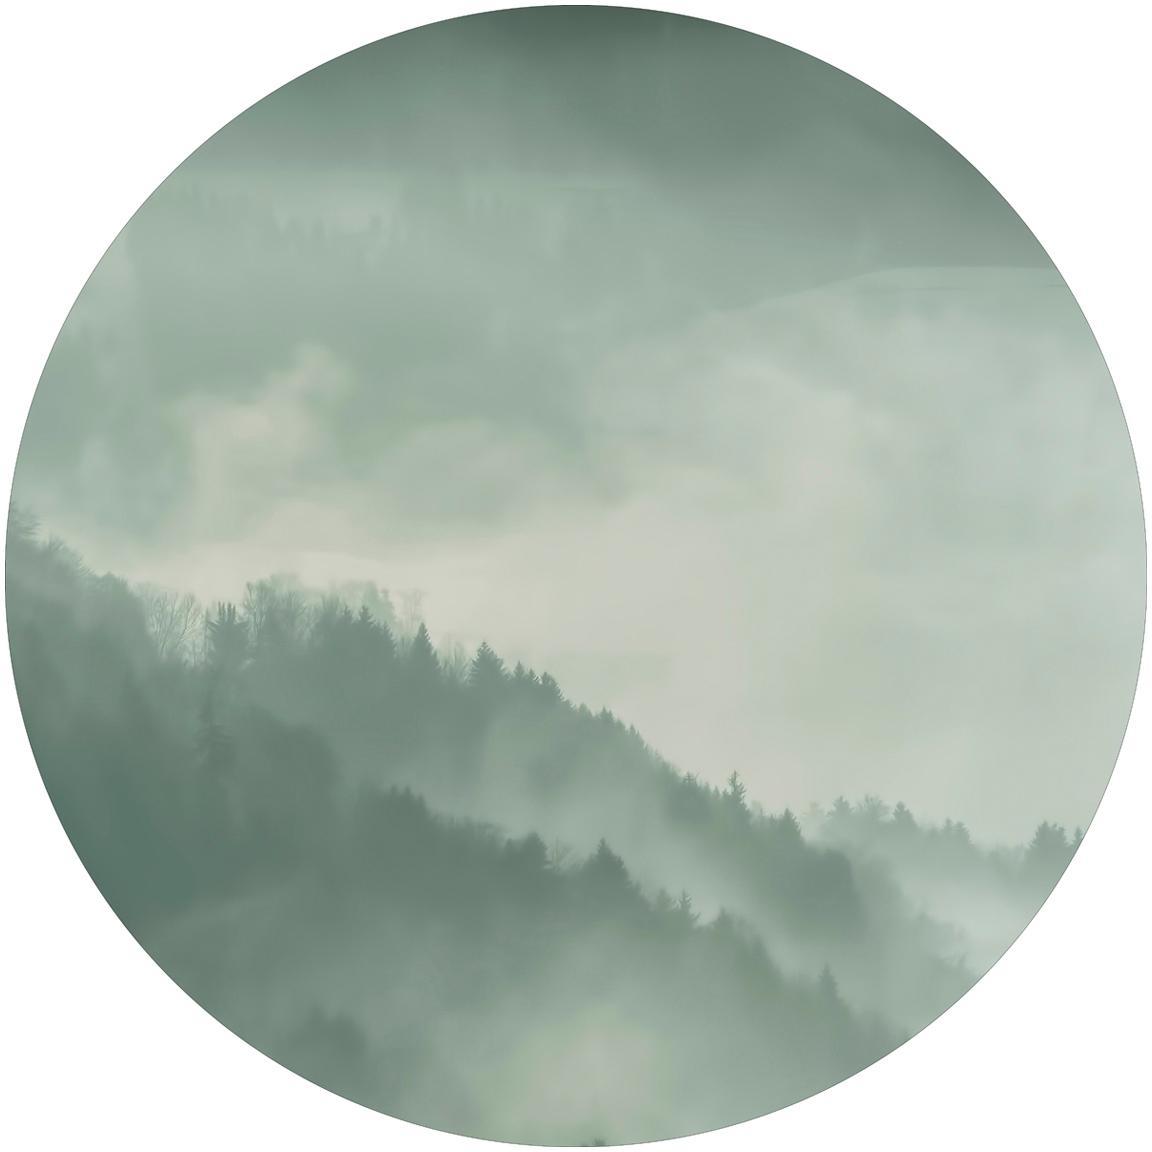 Wandbild Holy Land, rund, Mitteldichte Holzfaserplatte (MDF), bedruckt, Grau, Weiss, Ø 70 cm